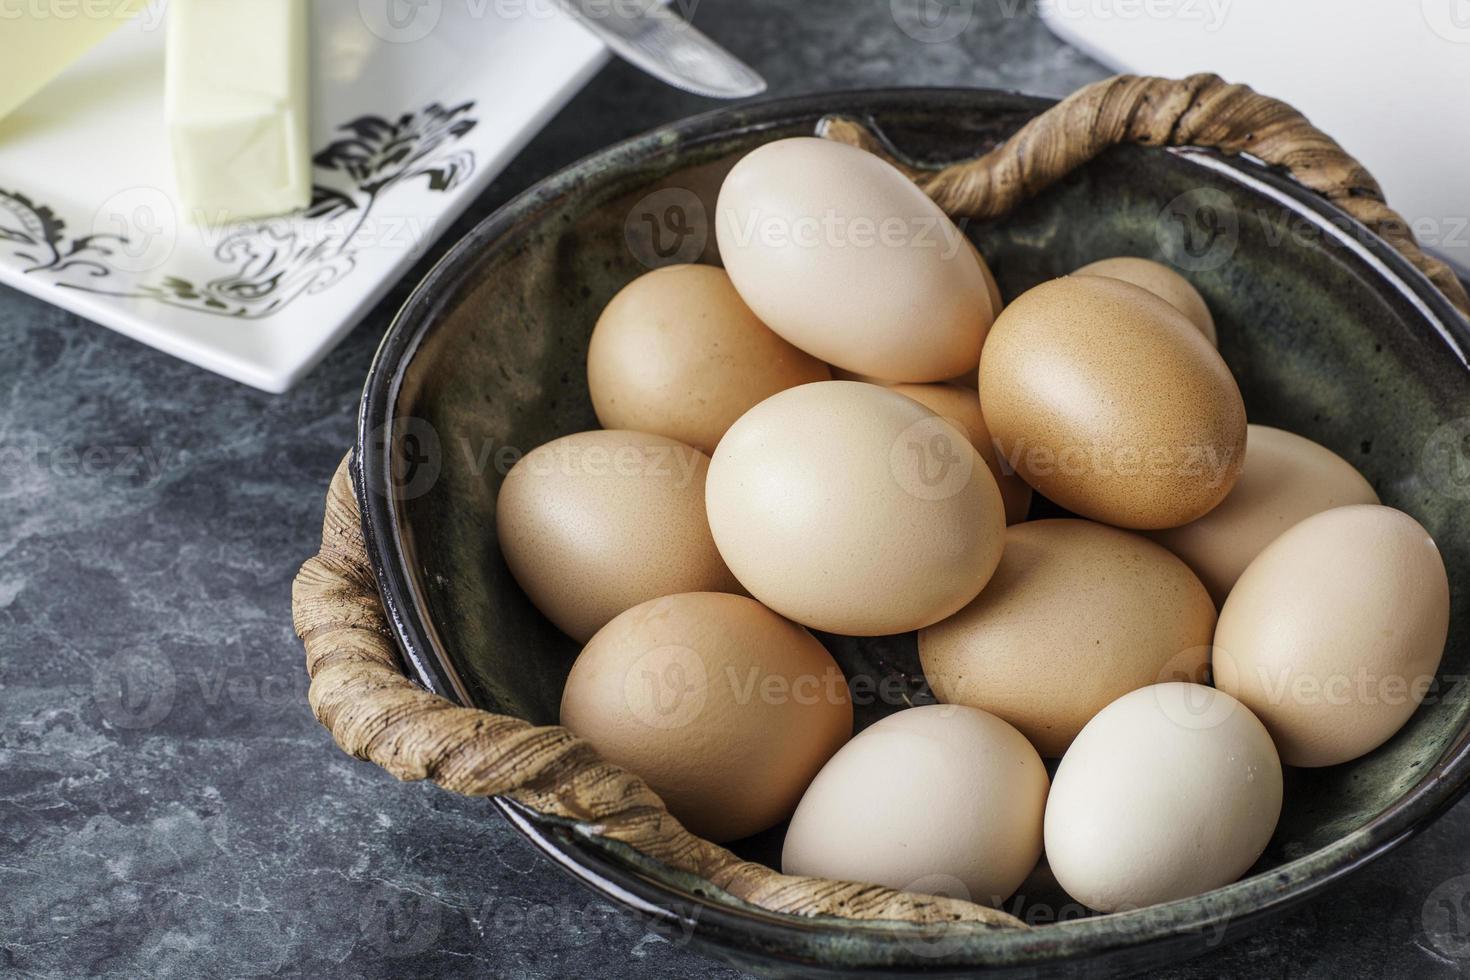 ovos marrons ao ar livre em uma tigela foto